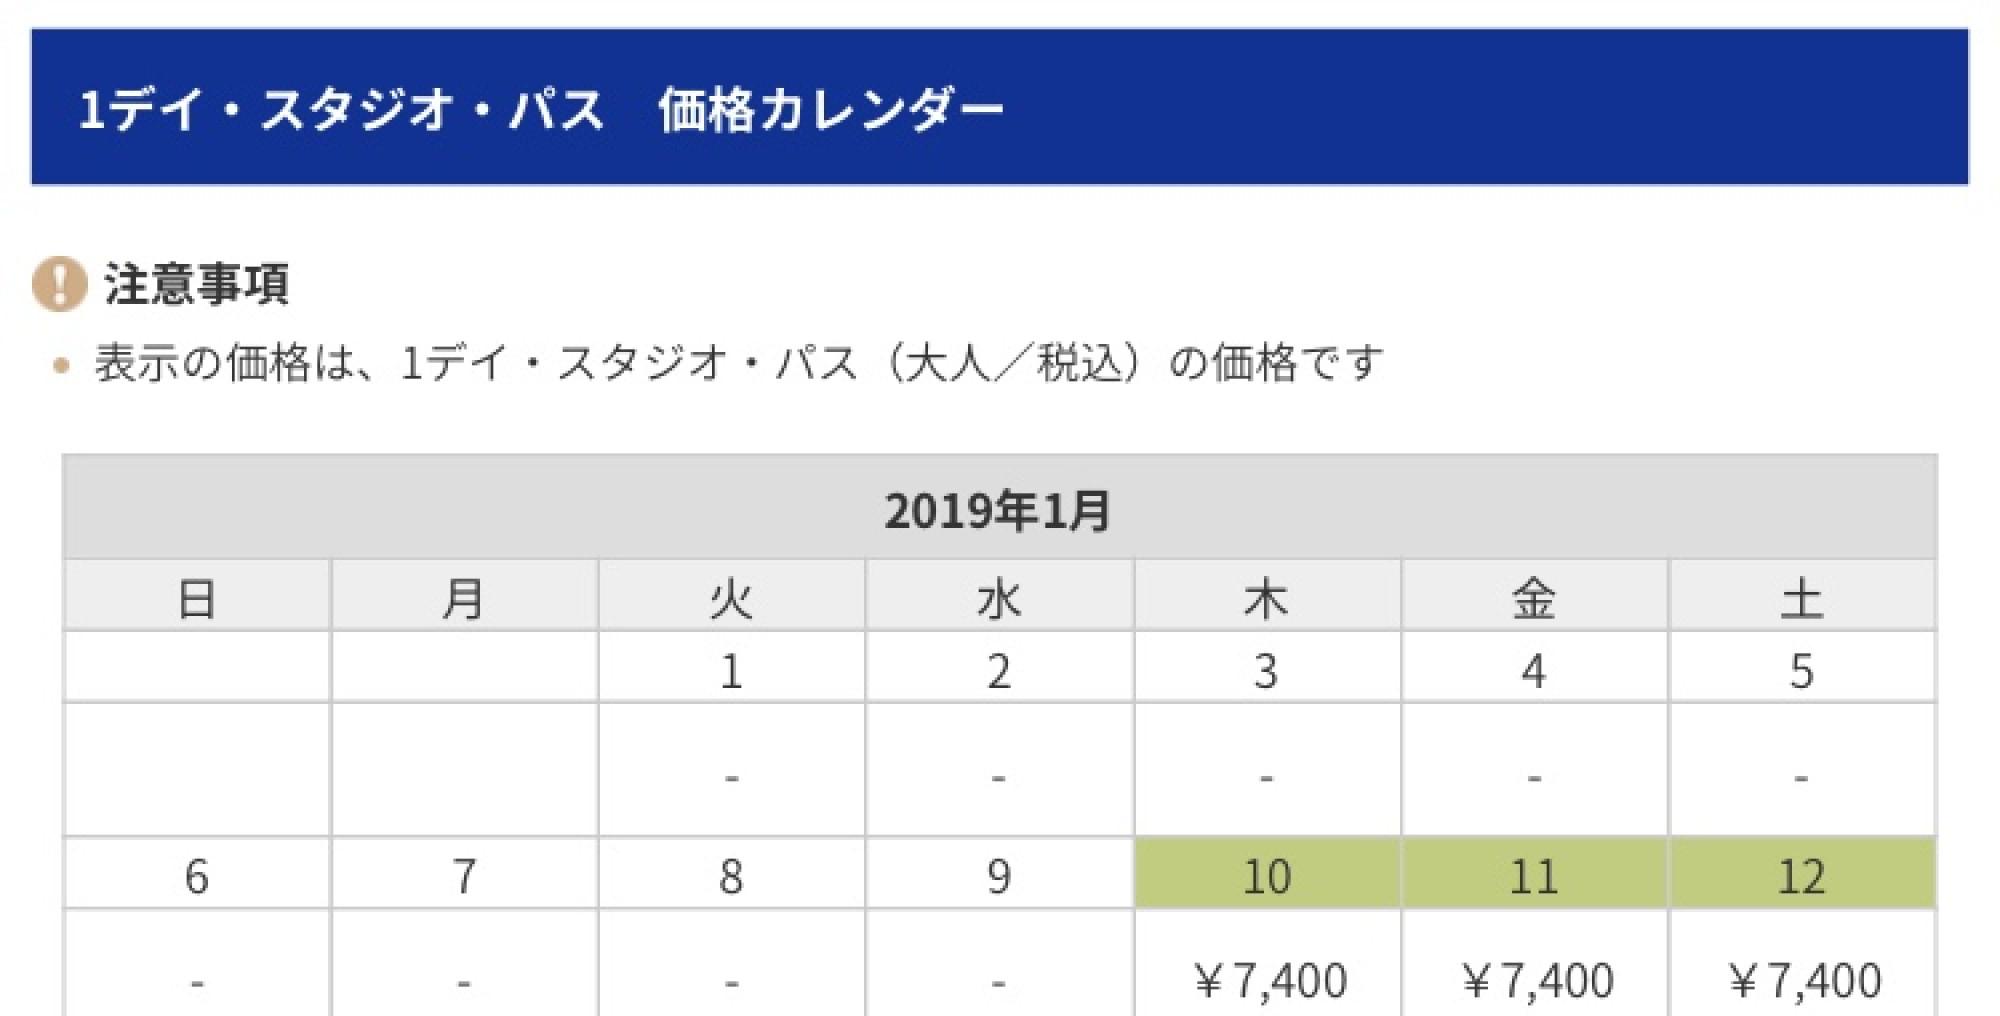 1デイ・スタジオ・パス 価格カレンダー